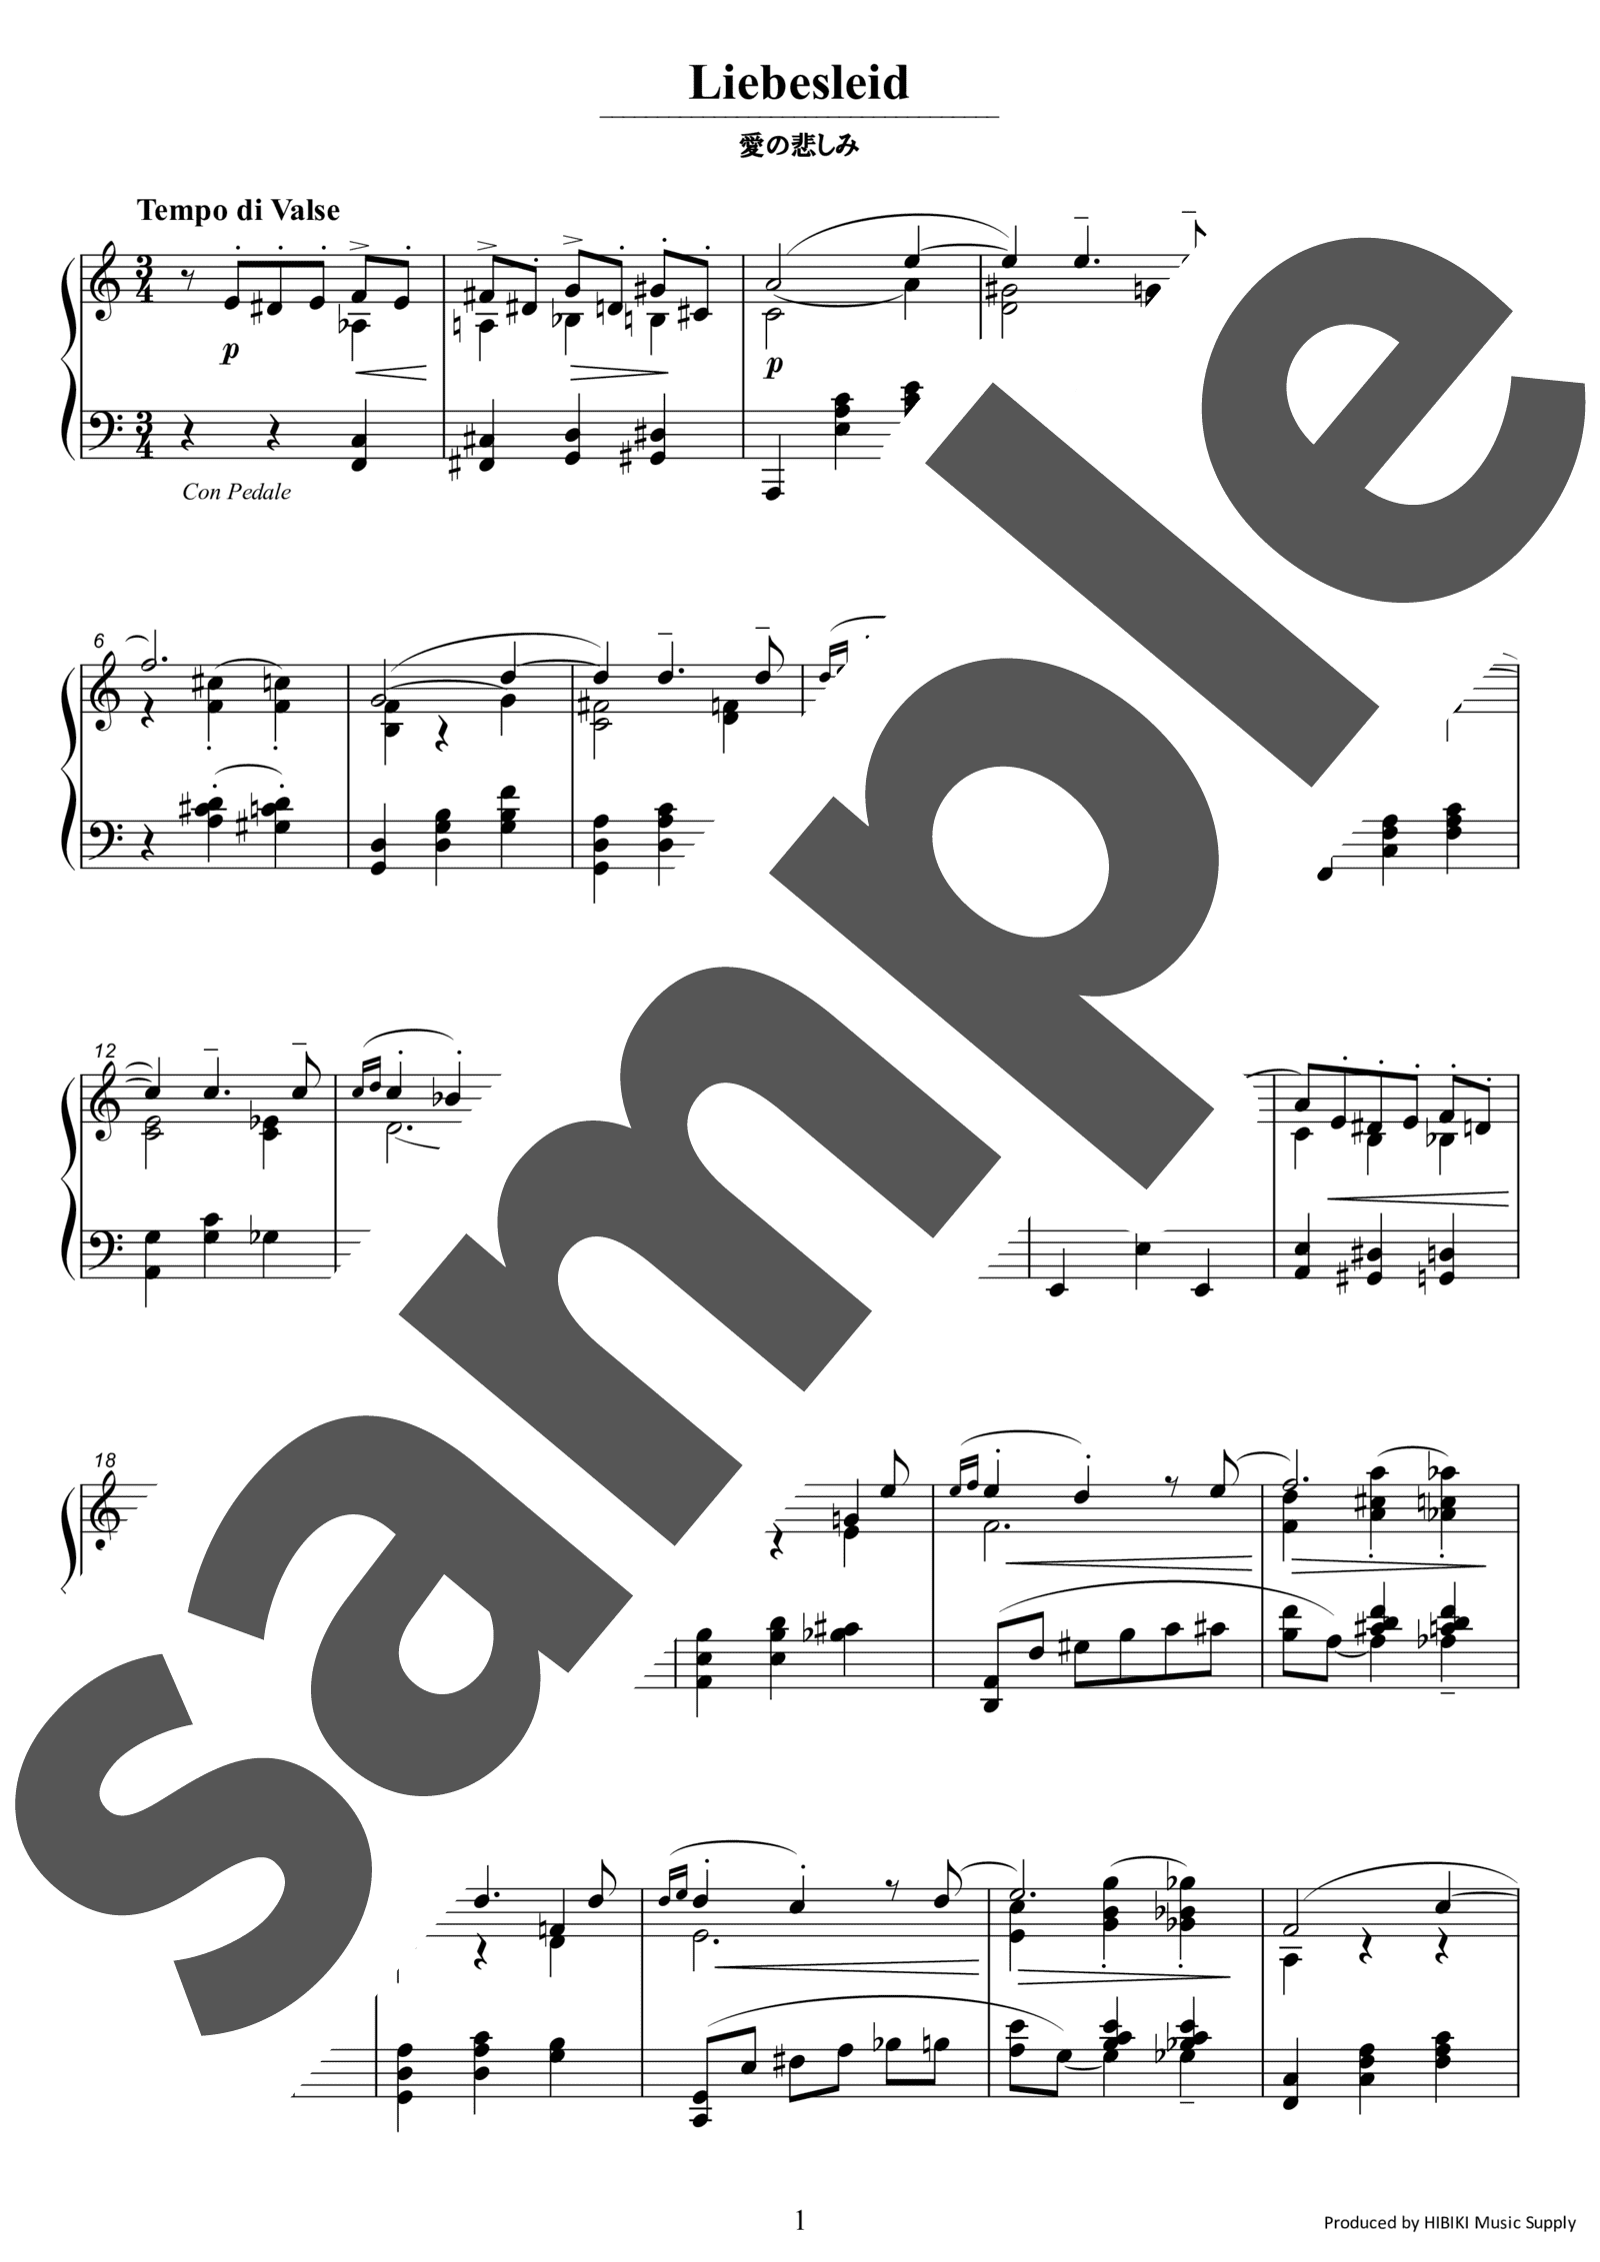 「愛の悲しみ ラフマニノフ編曲」のサンプル楽譜